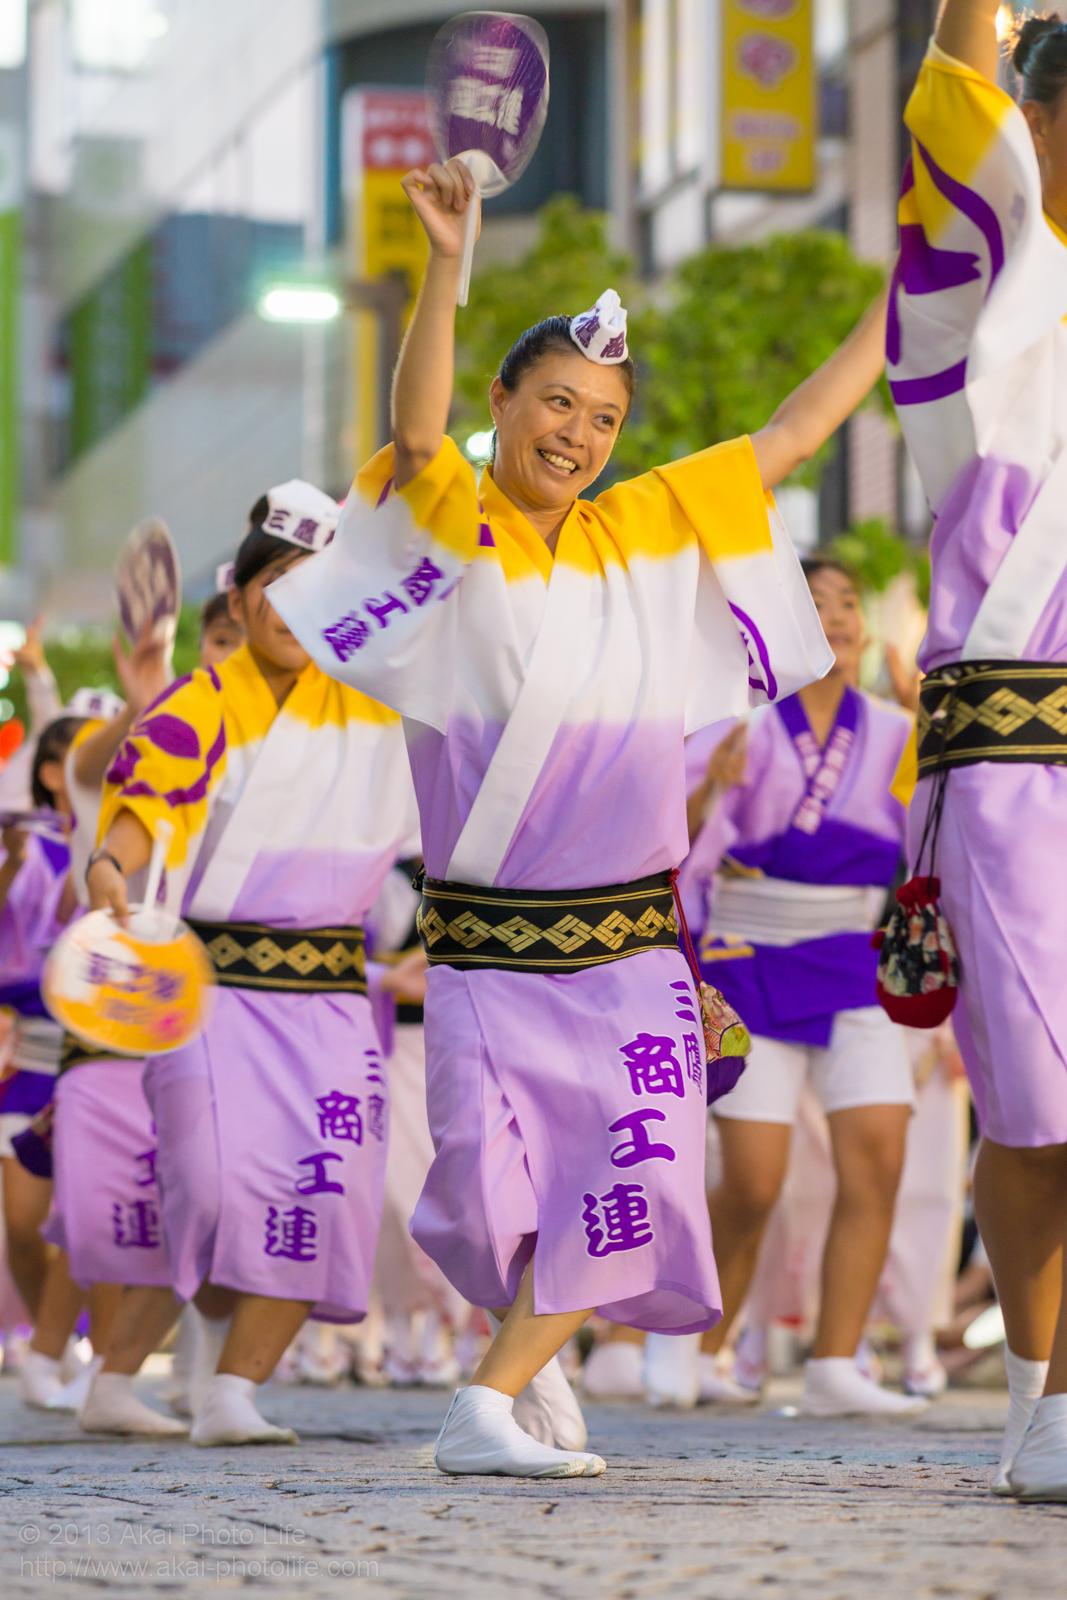 三鷹阿波踊り、三鷹商工連の女性の男踊り